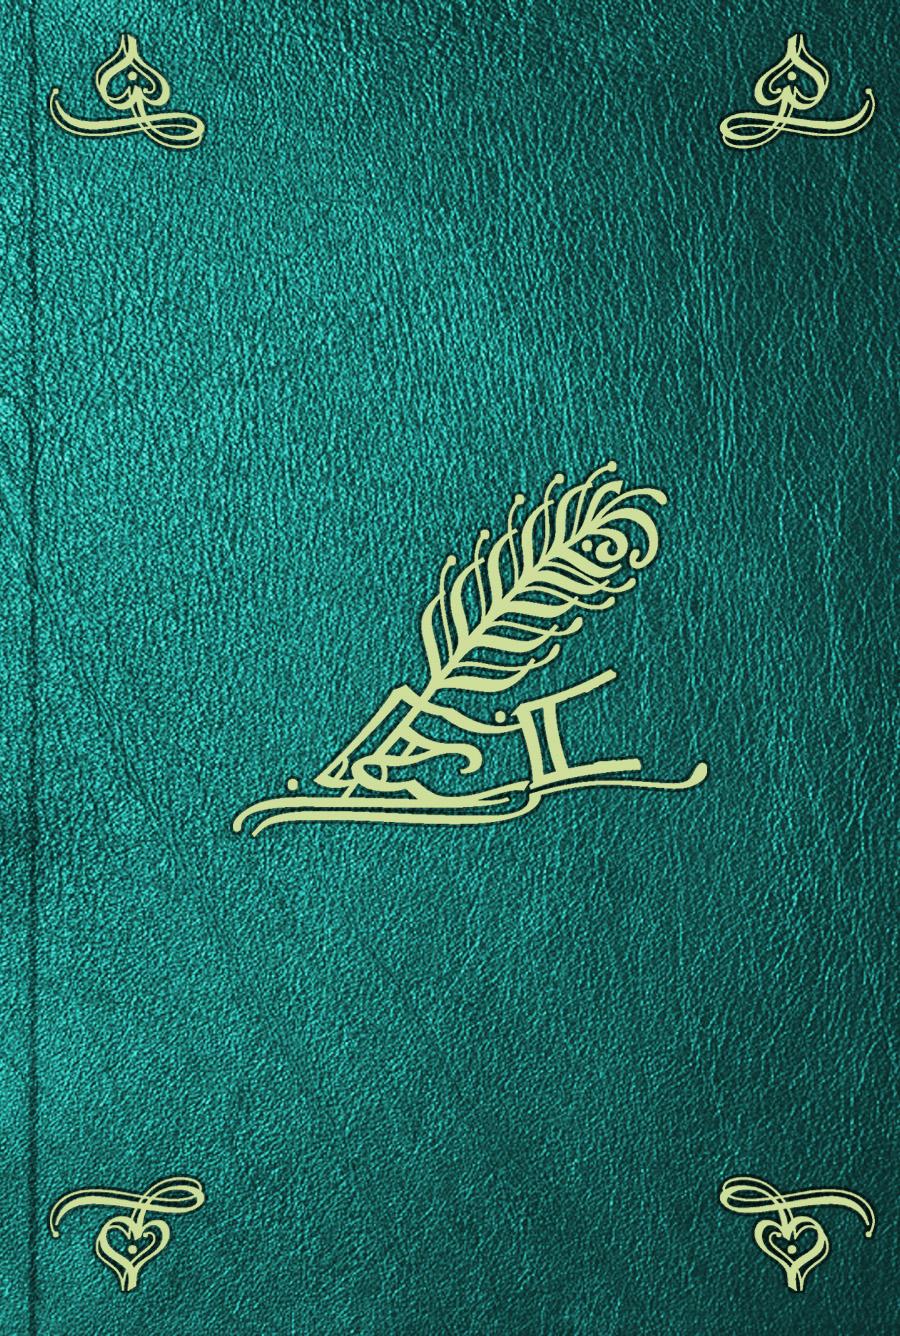 Victor de Jouy L'Hermite en Italie. T. 1 eugène roberty frederic nietzsche contribution a l histoire des idees philosophiques et sociales a la fin du xixe siecle french edition